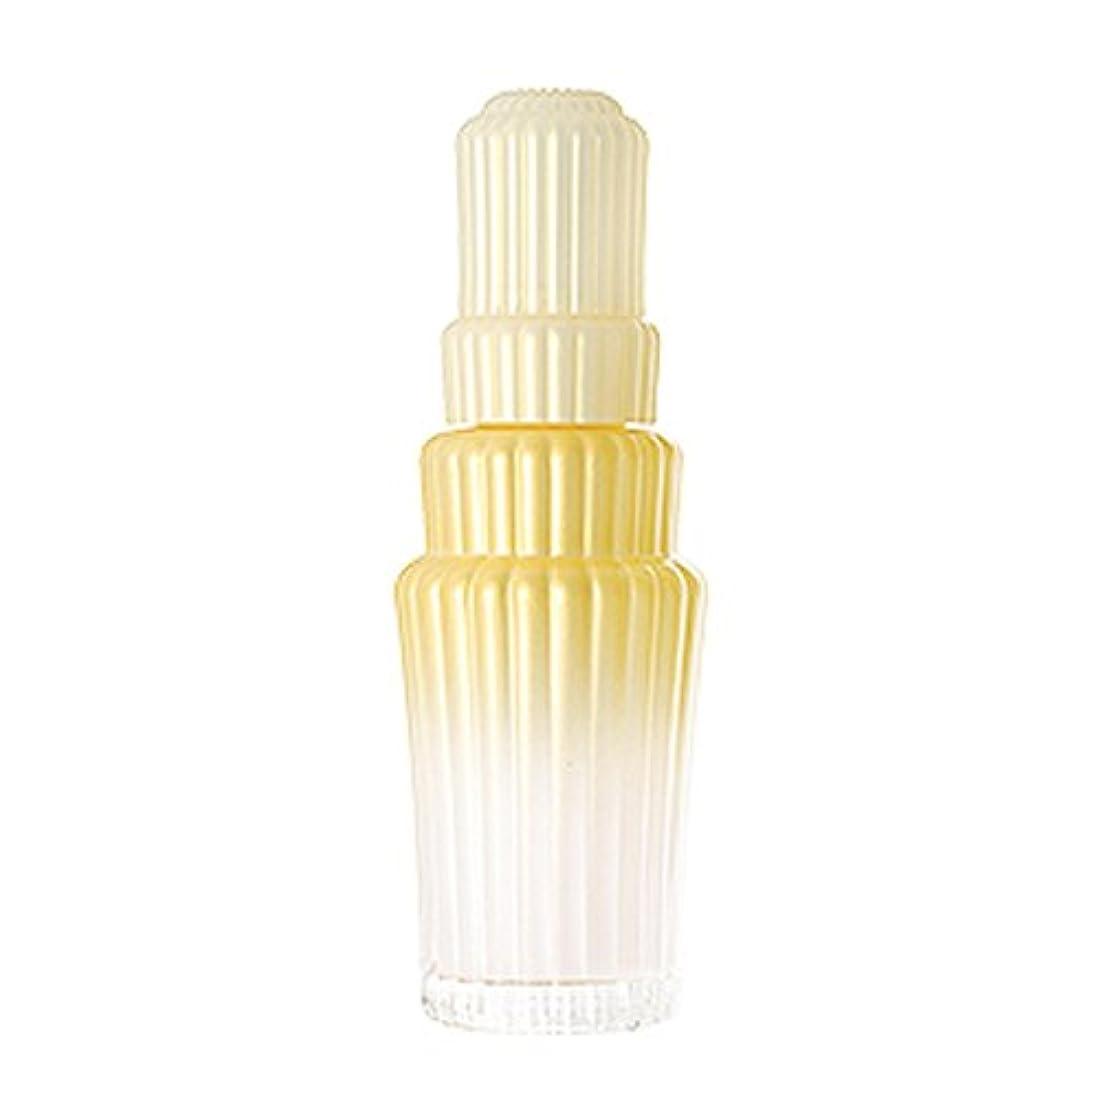 アユーラ (AYURA) モイスチャライジングプライマー オーバードライ W (医薬部外品) 100mL 〈美白化粧液〉 濃密乾燥ケア うるおい アロマティックハーブの香り